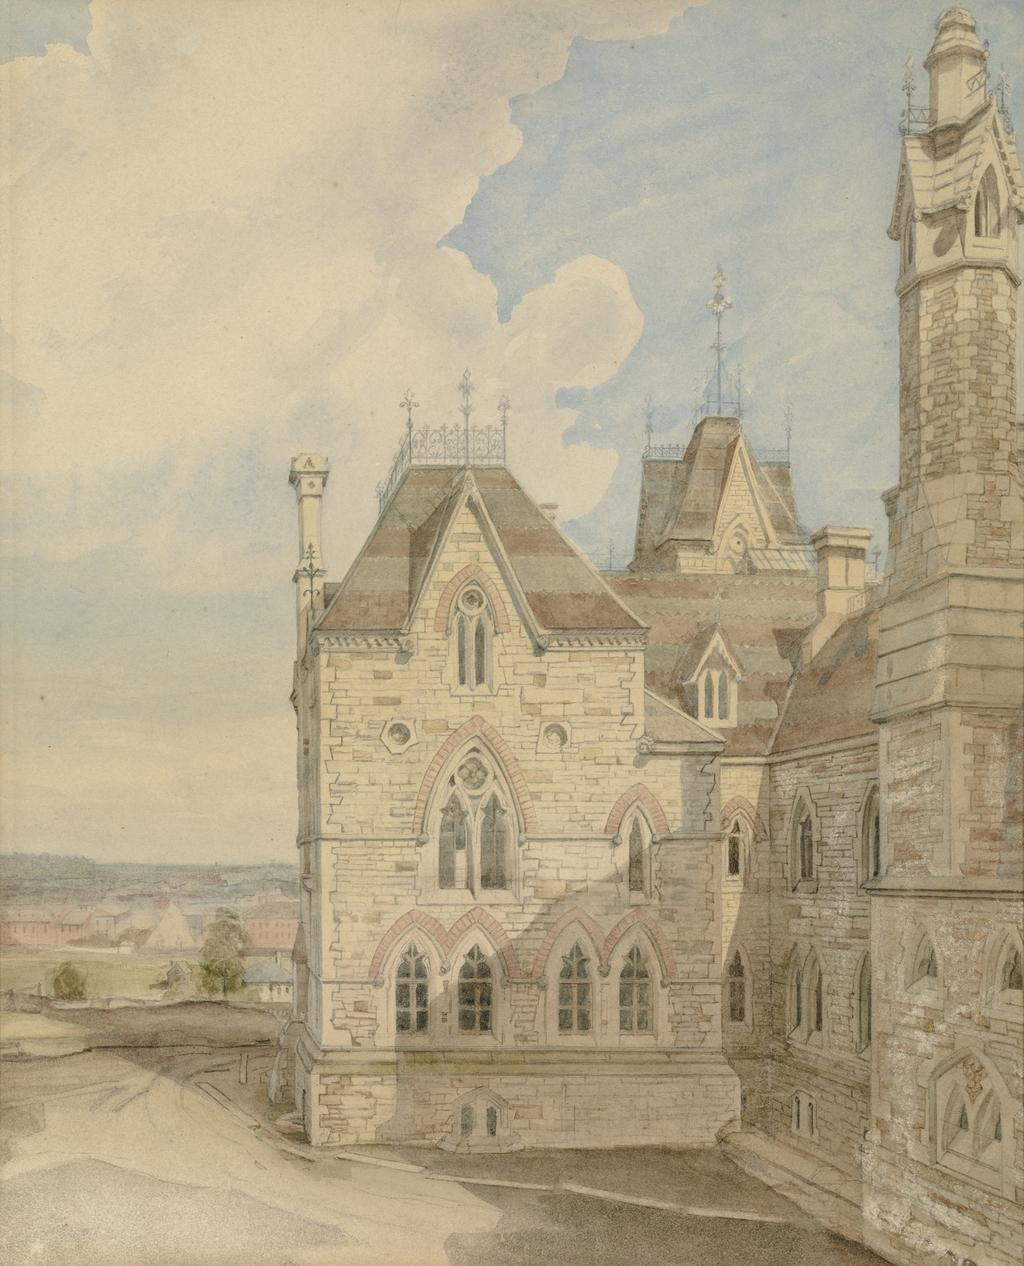 L'Aile est de l'ancien édifice du Parlement, Ottawa